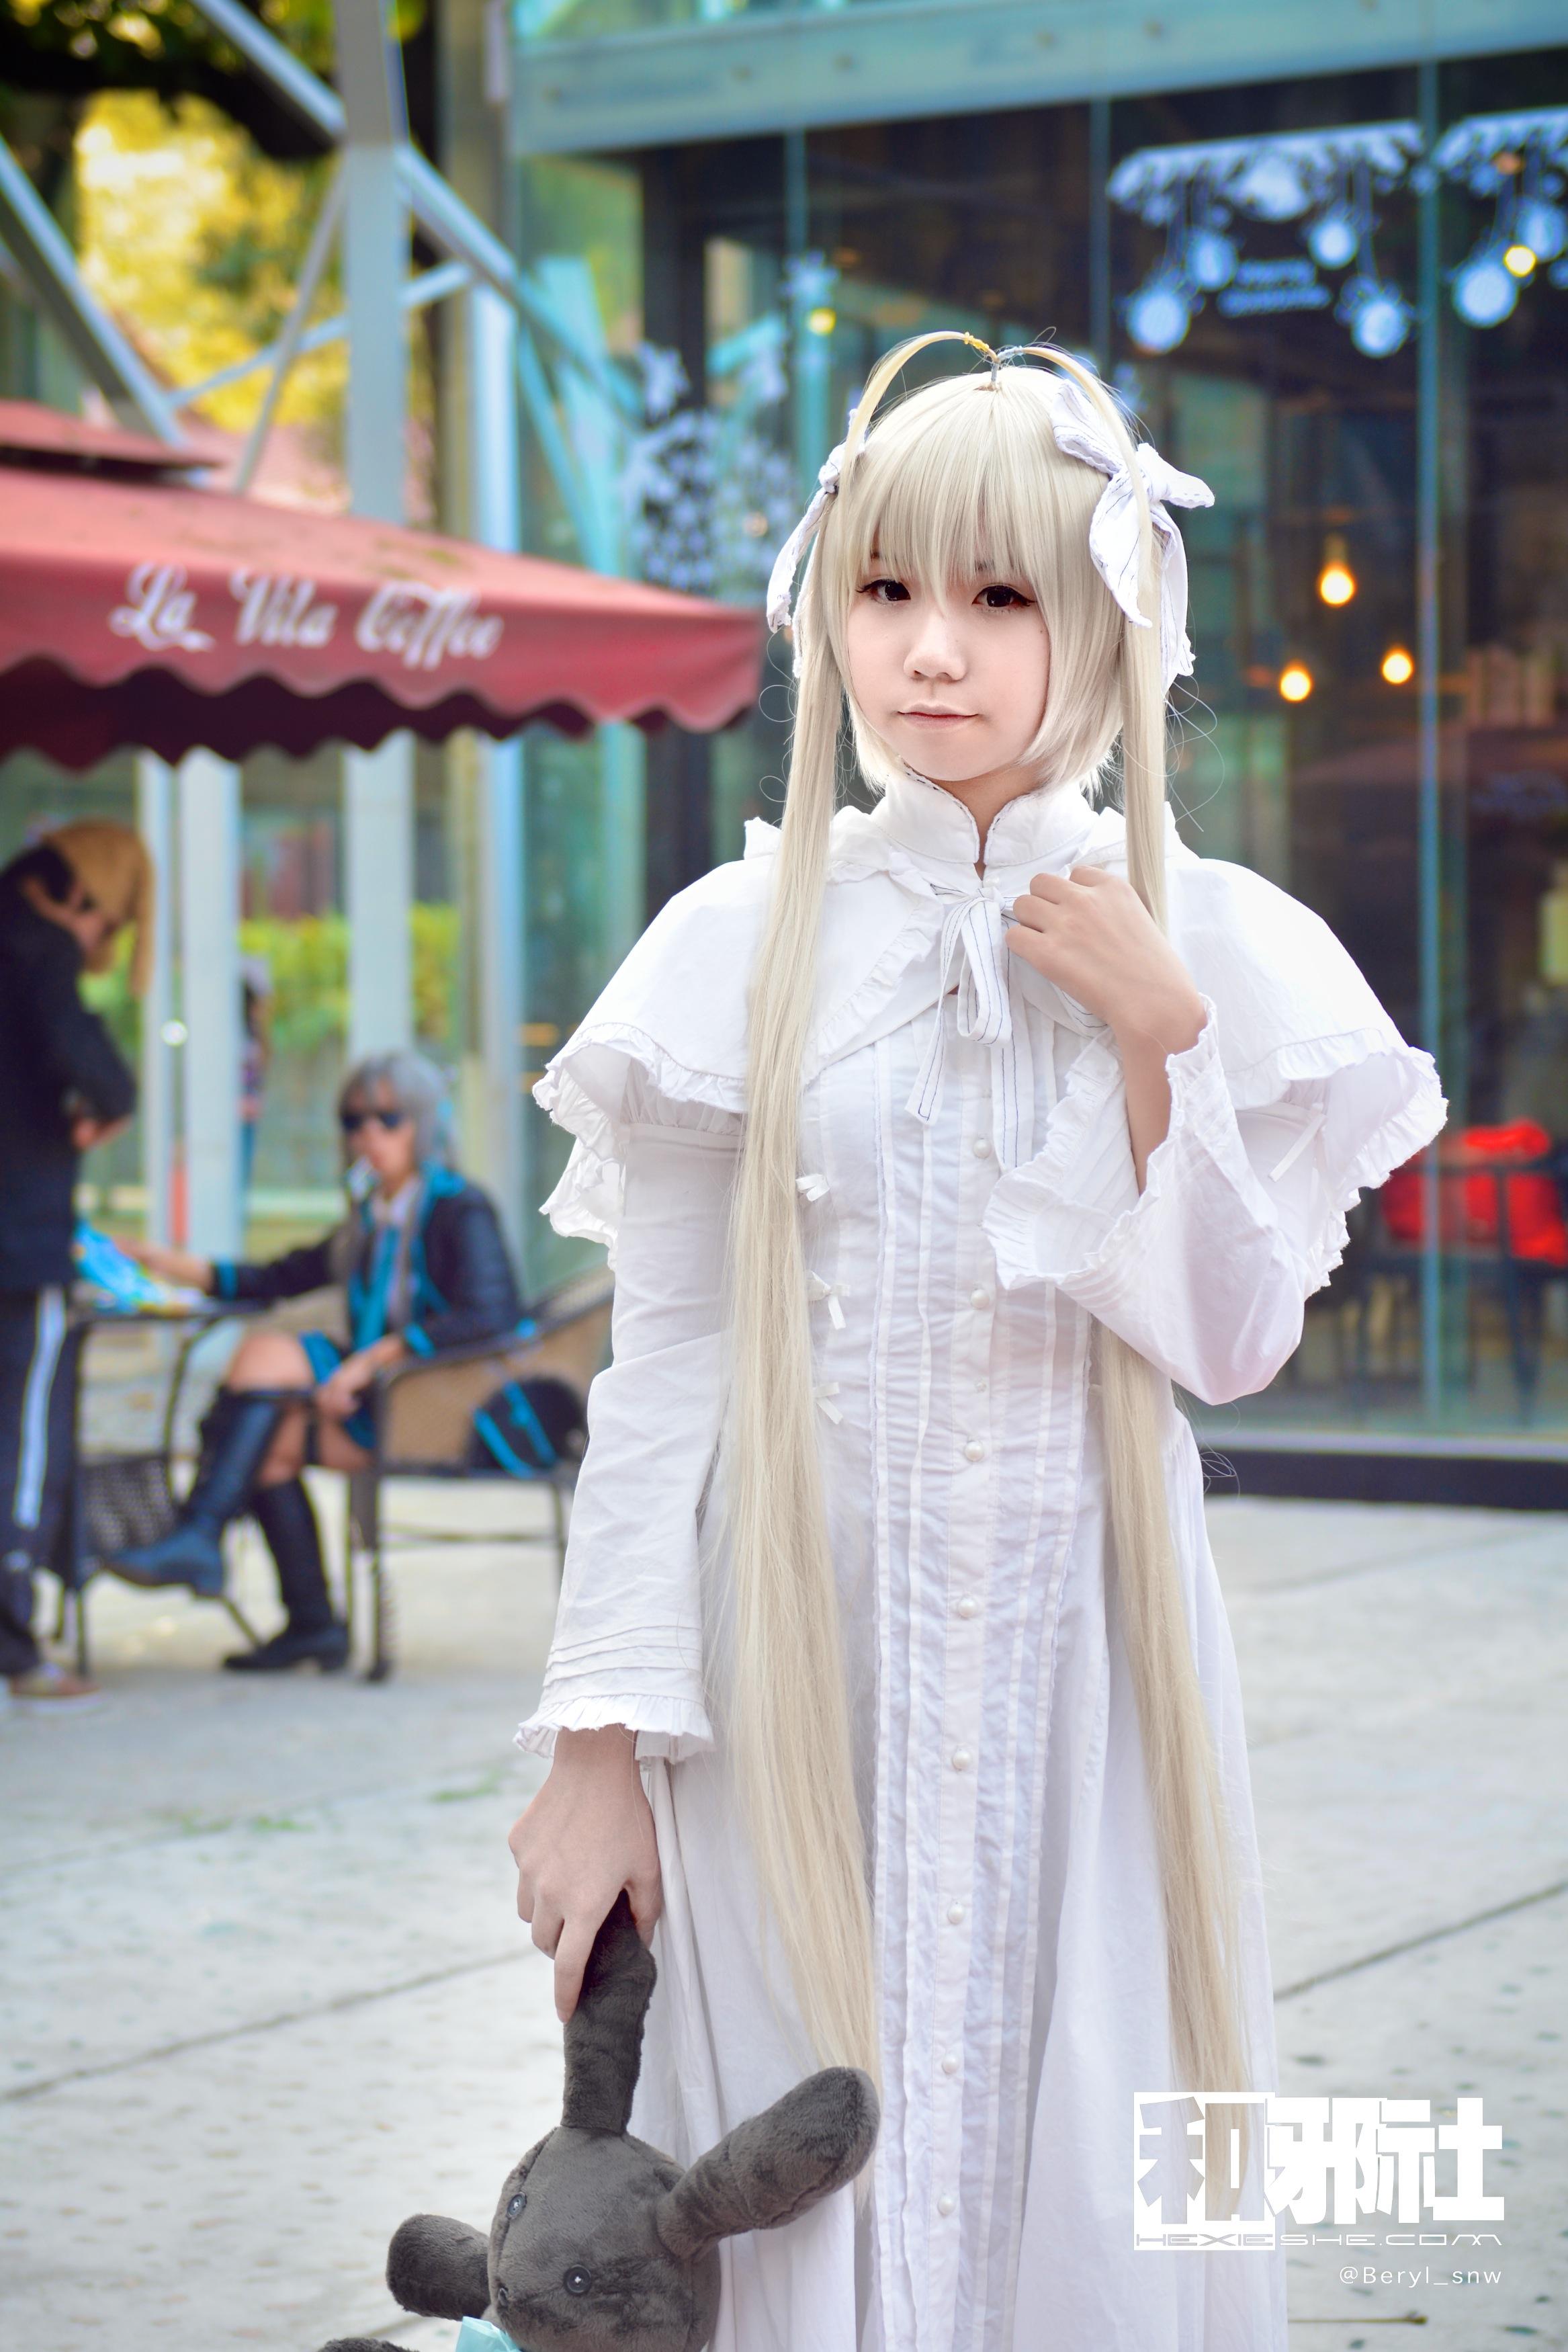 Bokeh Gadis Bermain Imut Asia Nikon Pakaian Di Luar Rumah Cosplay Gambar Keren Jepang Wilayah F28